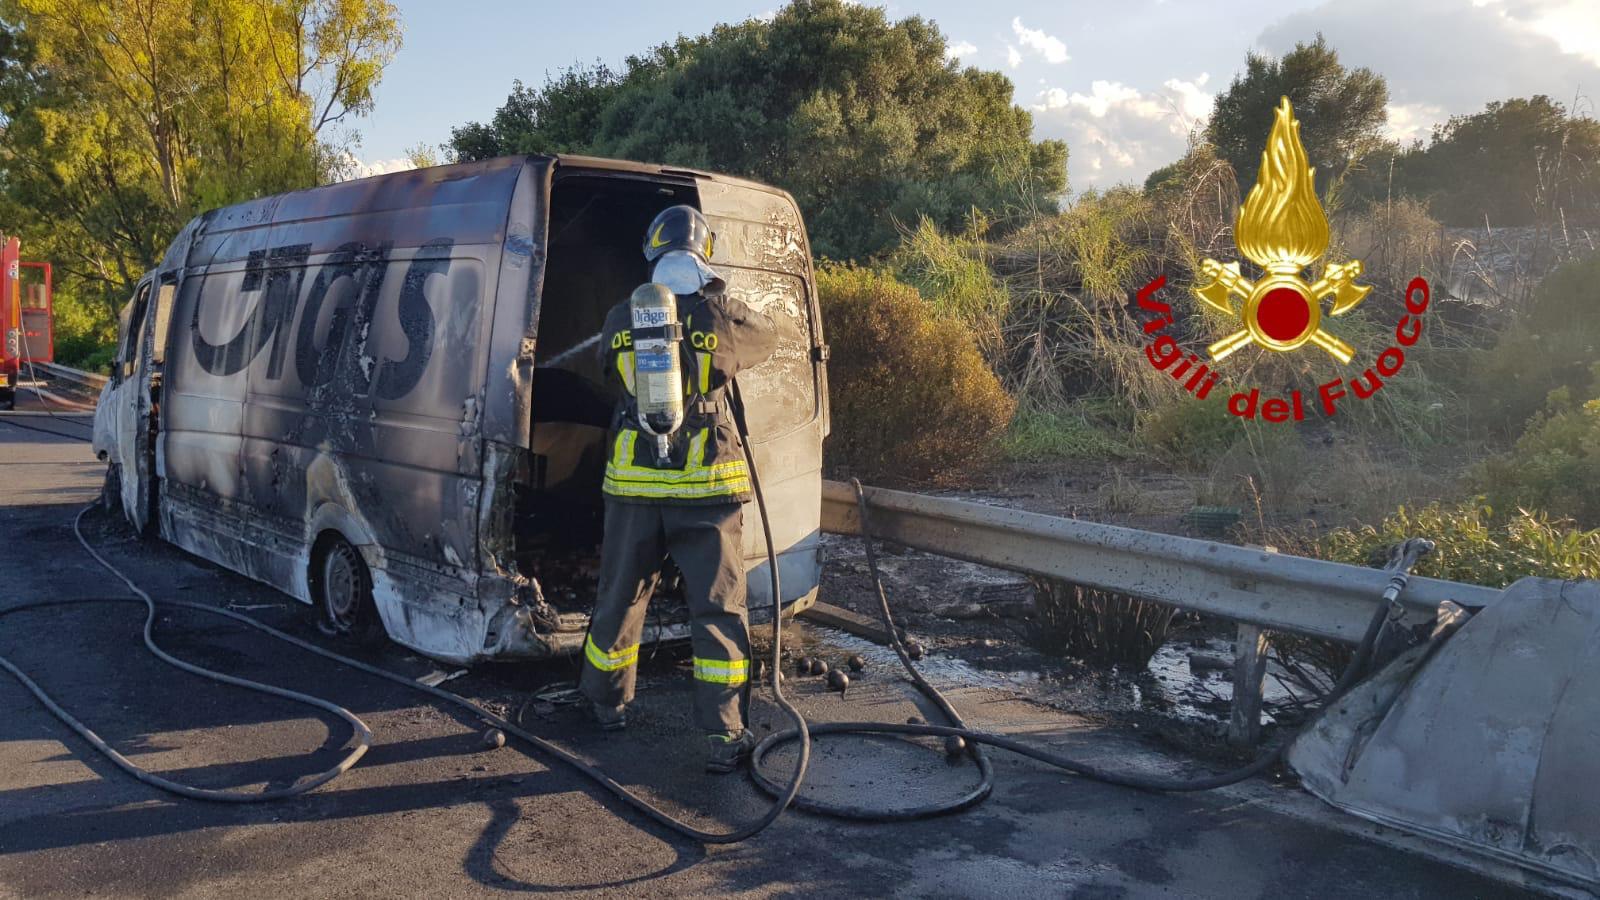 Paura sulla Catania-Siracusa, furgone GLS prende improvvisamente fuoco: autorità sul posto